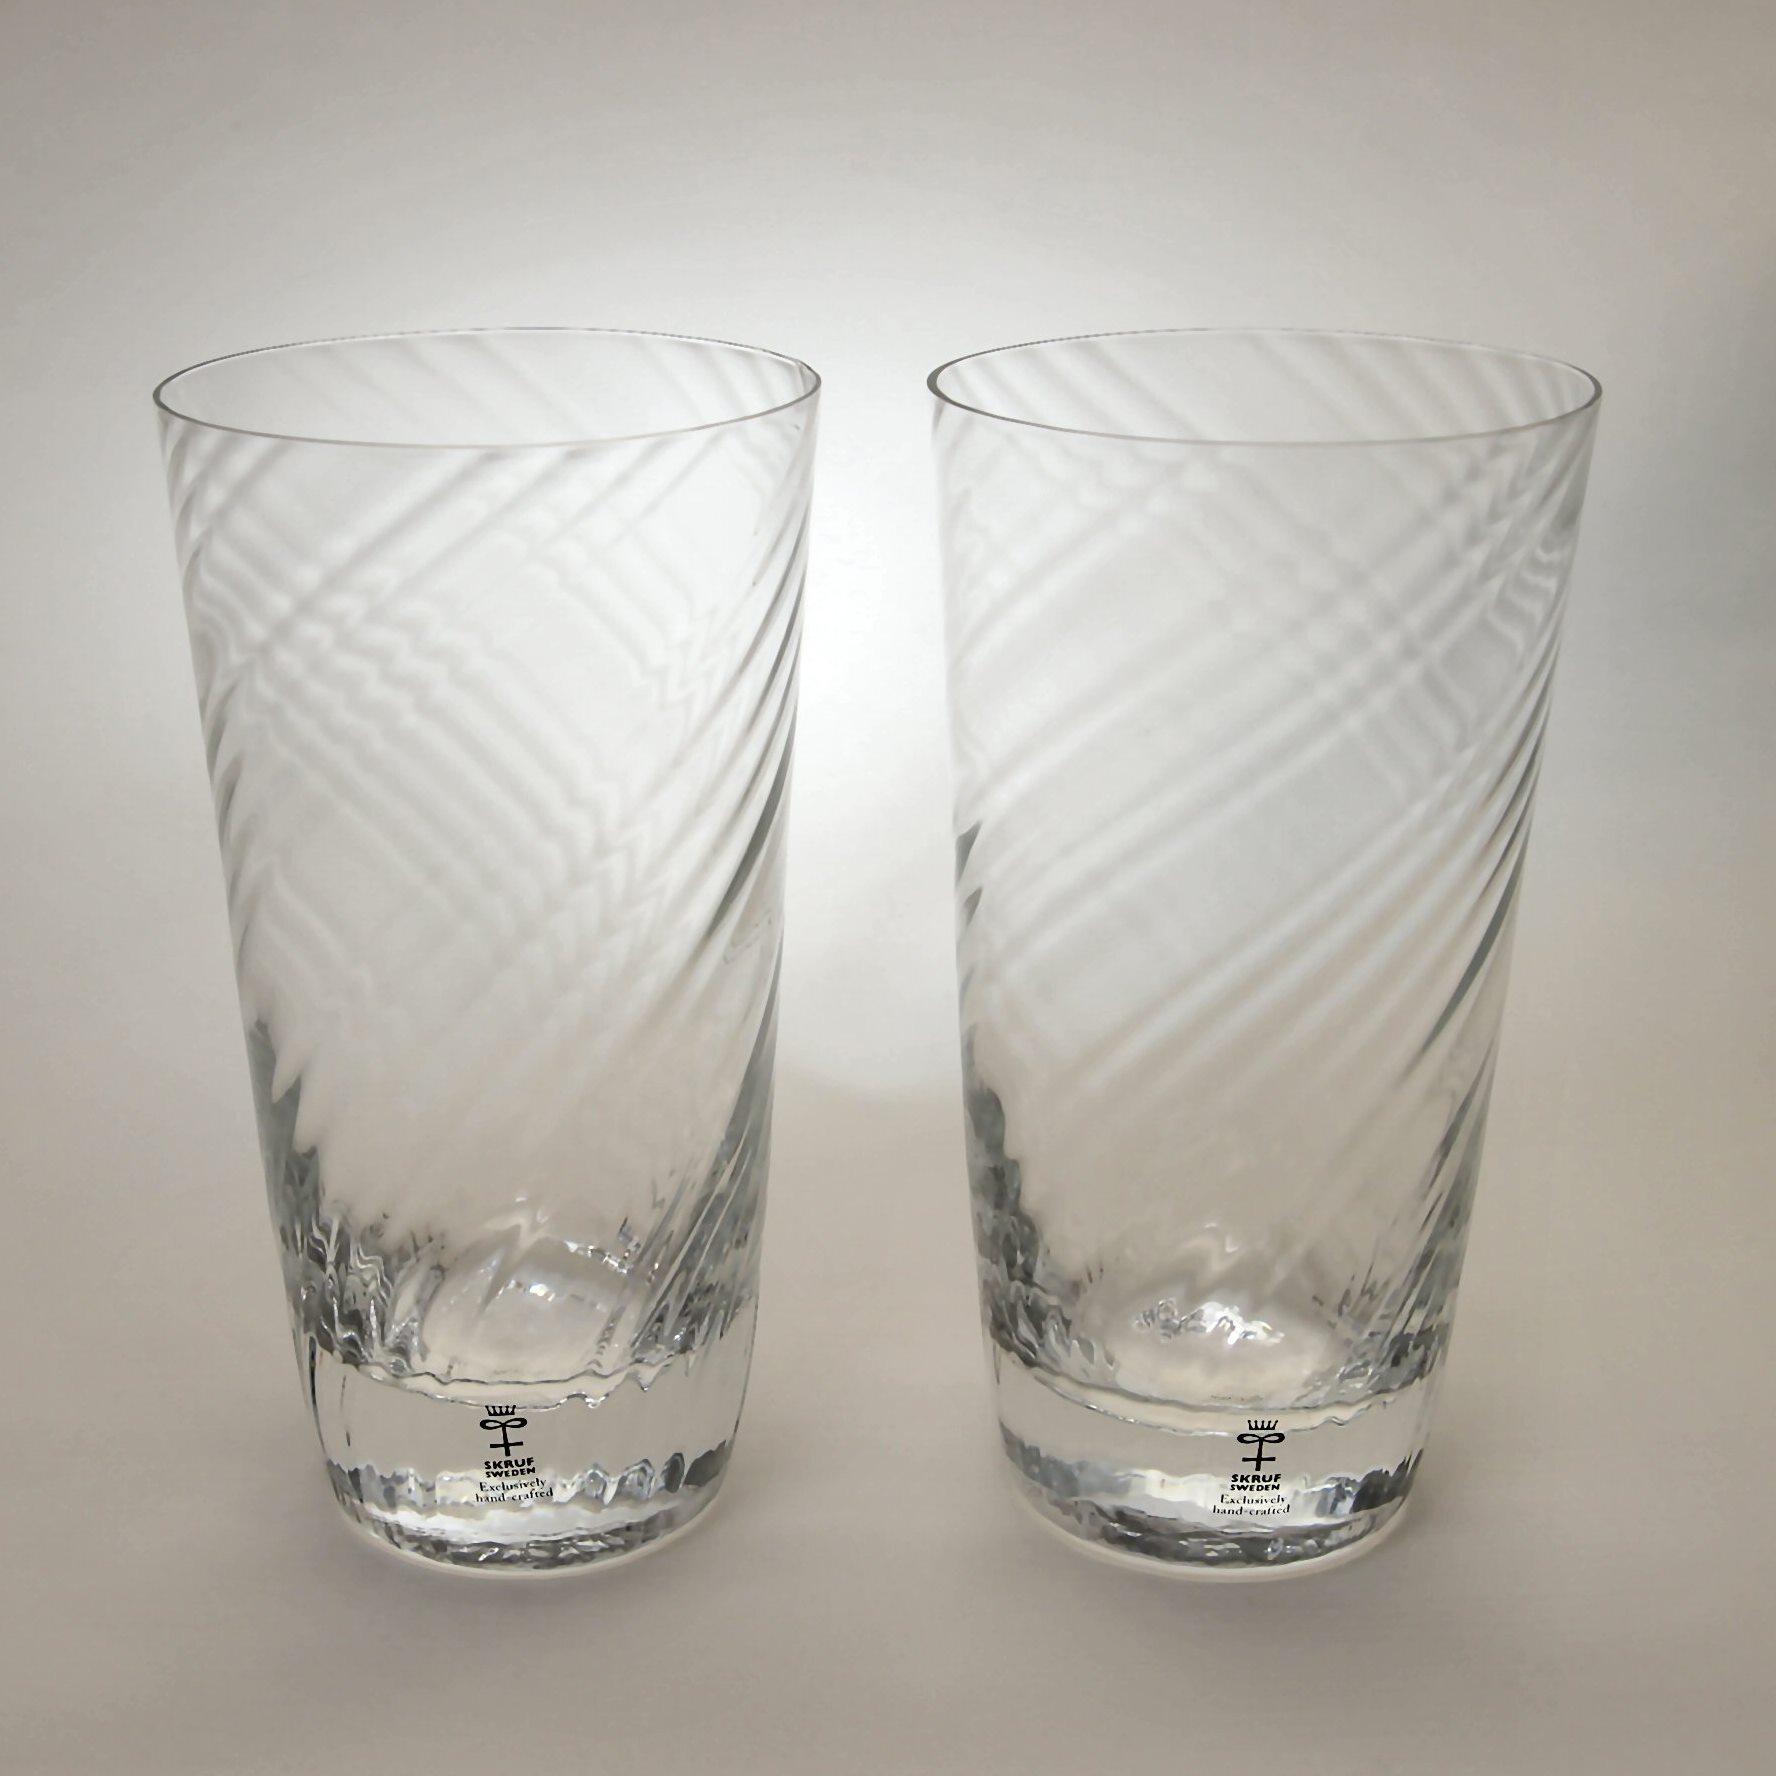 スクルフ 2018 ビールグラス ペアセット  SKRUF 2018 Beer Glass Pair Set